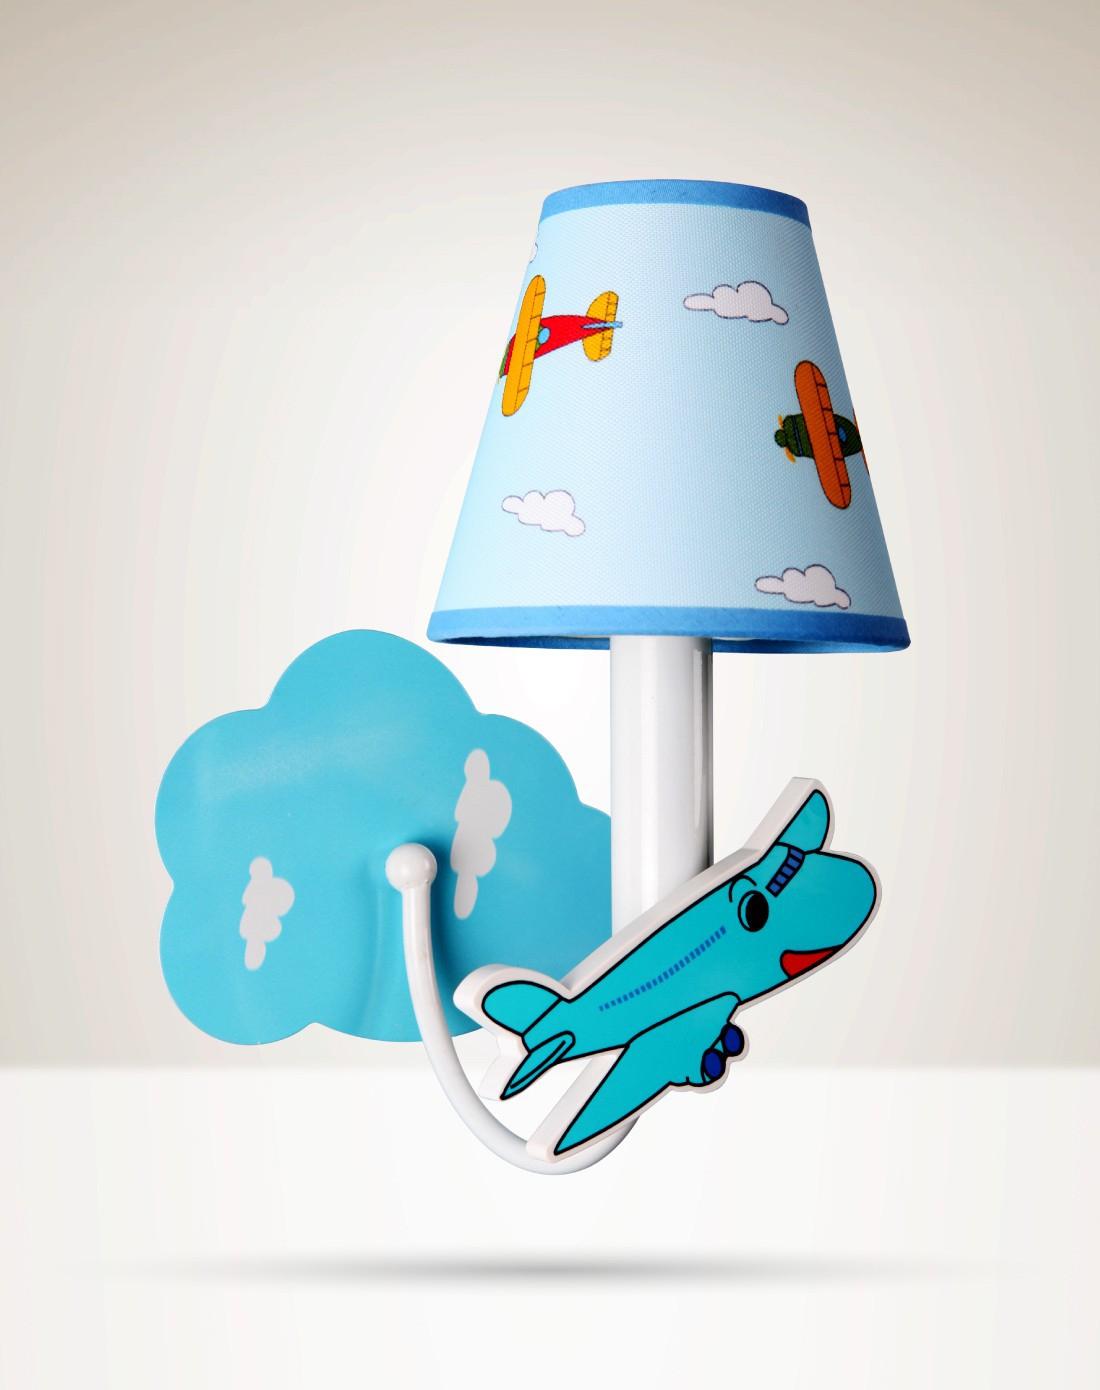 飞机系列壁灯创意卡通立体造型儿童壁灯送光源